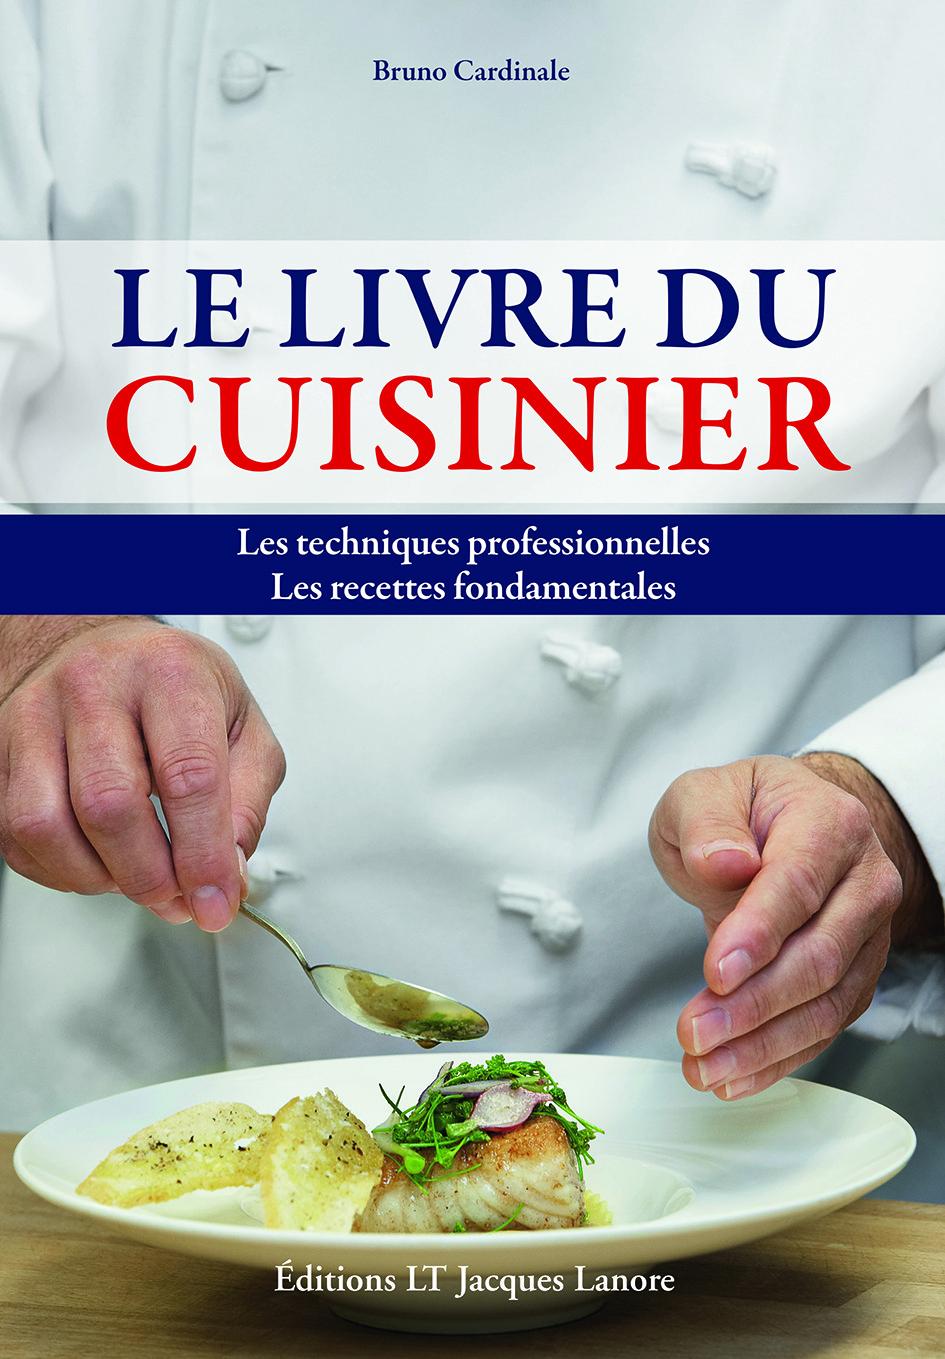 Le Livre Du Cuisinier Par Bruno Cardinale Matfer - Cuisiner a domicile et livrer